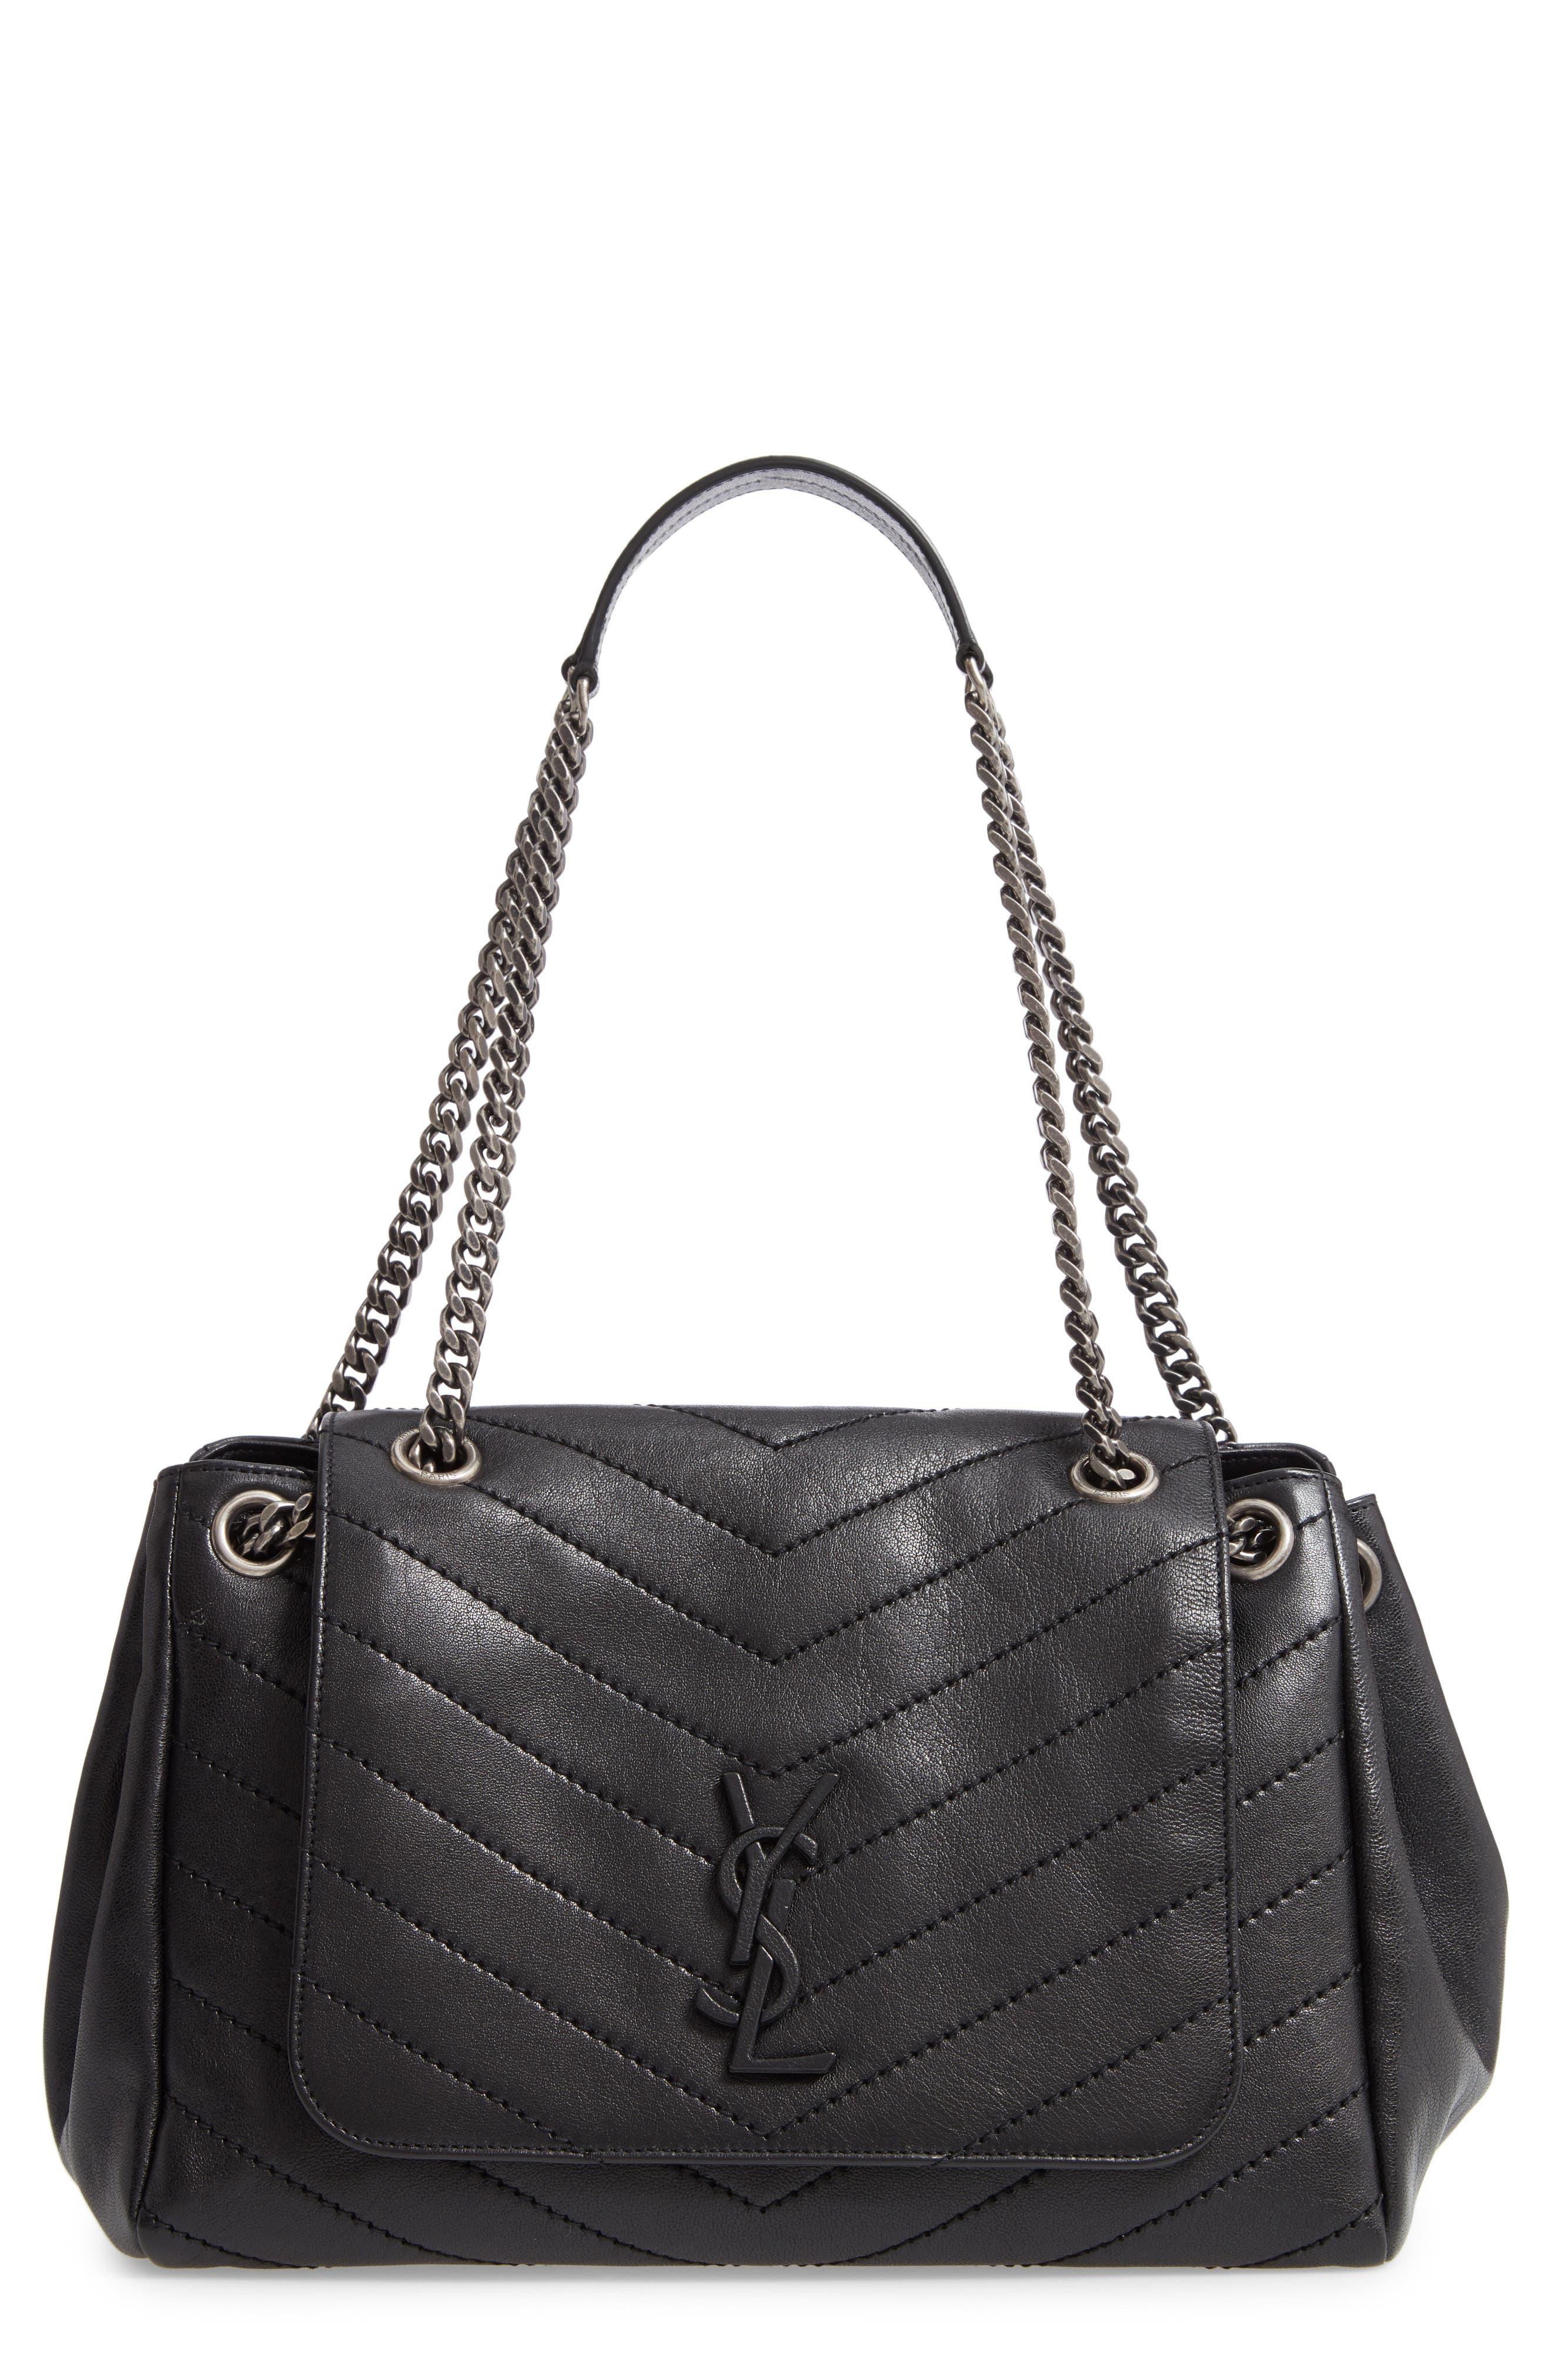 Nolita Large Leather Shoulder Bag,                             Main thumbnail 1, color,                             NOIR